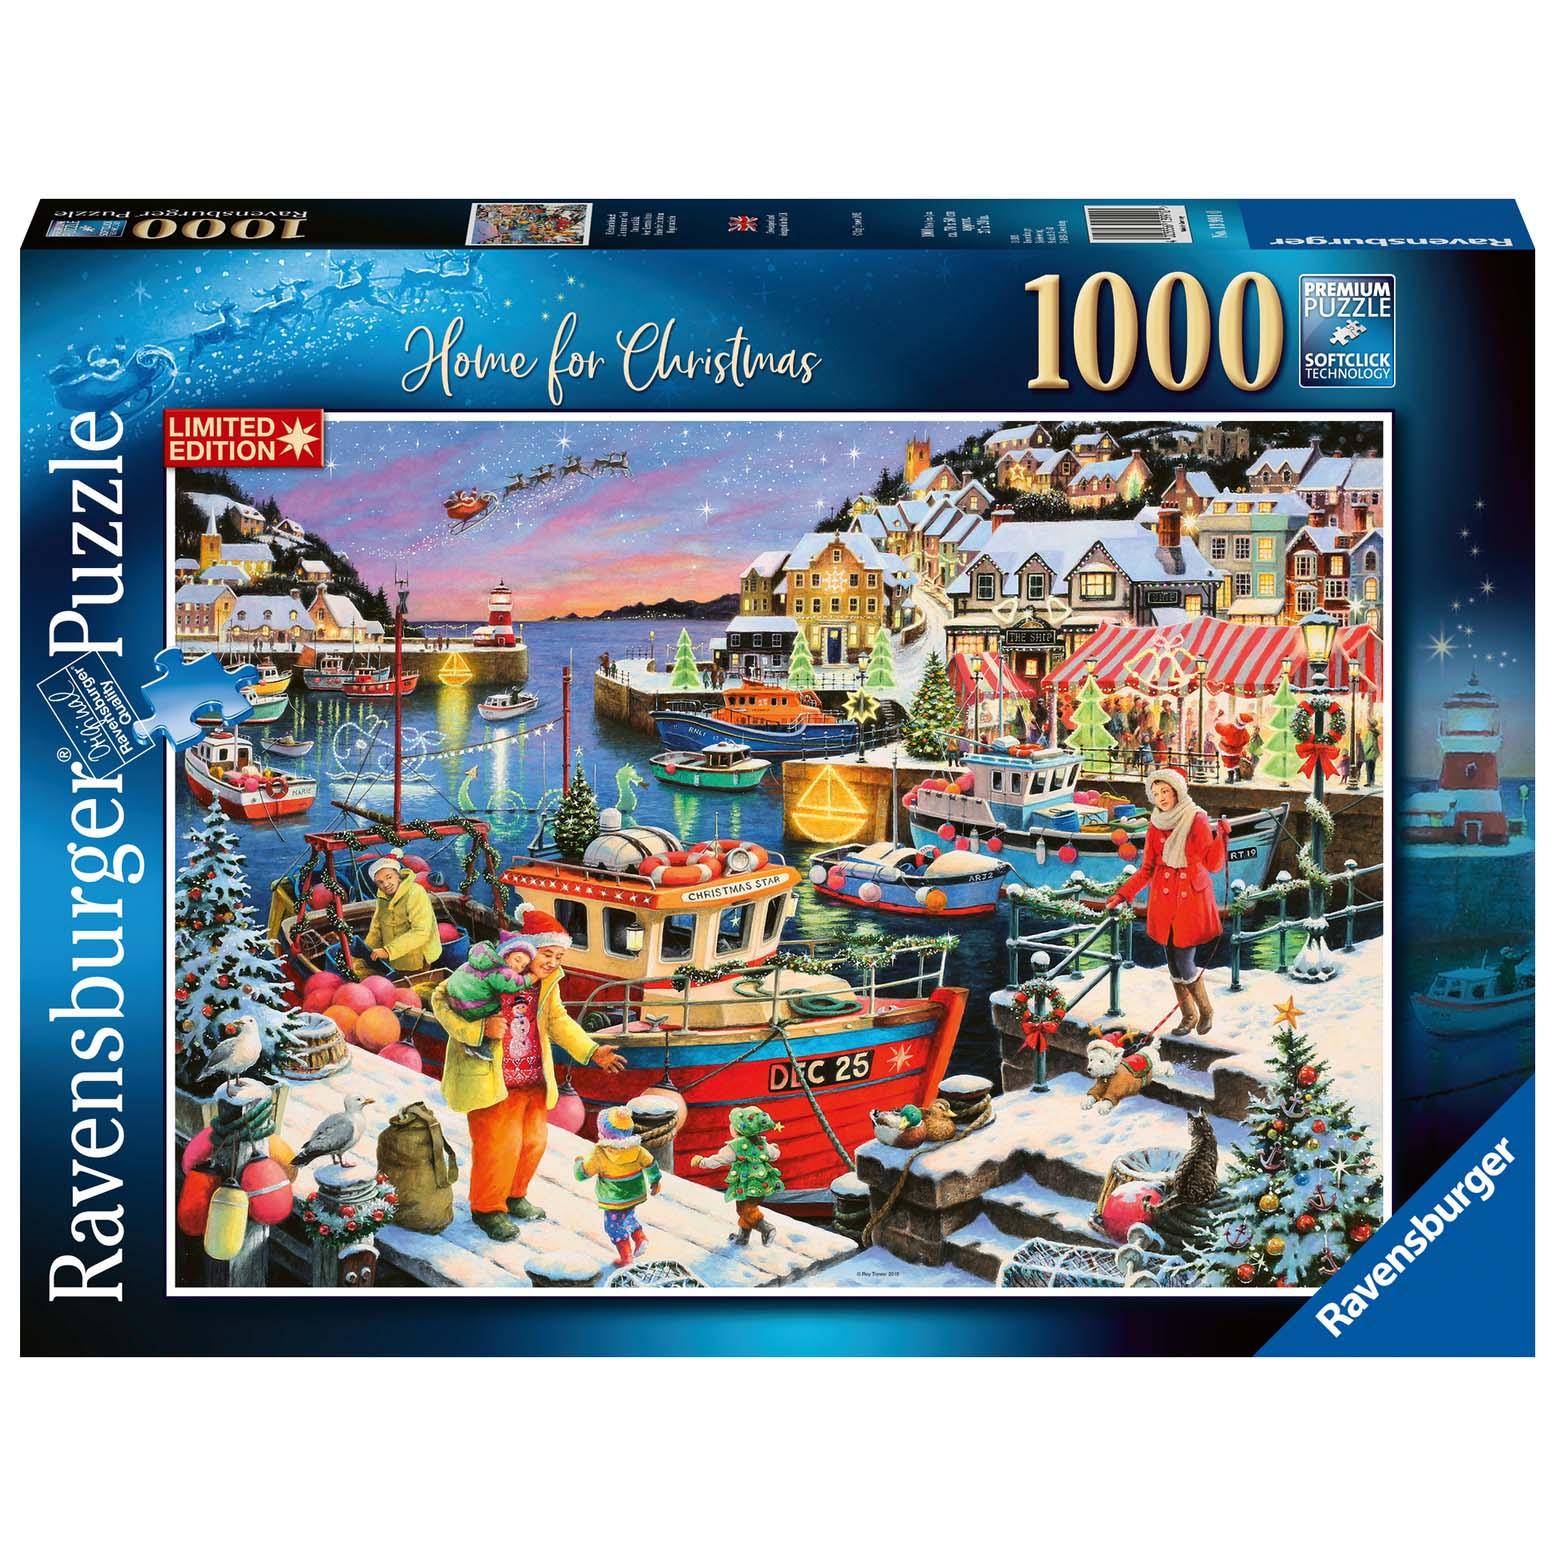 Afbeelding van Puzzel Home For Christmas 1000 Stukjes